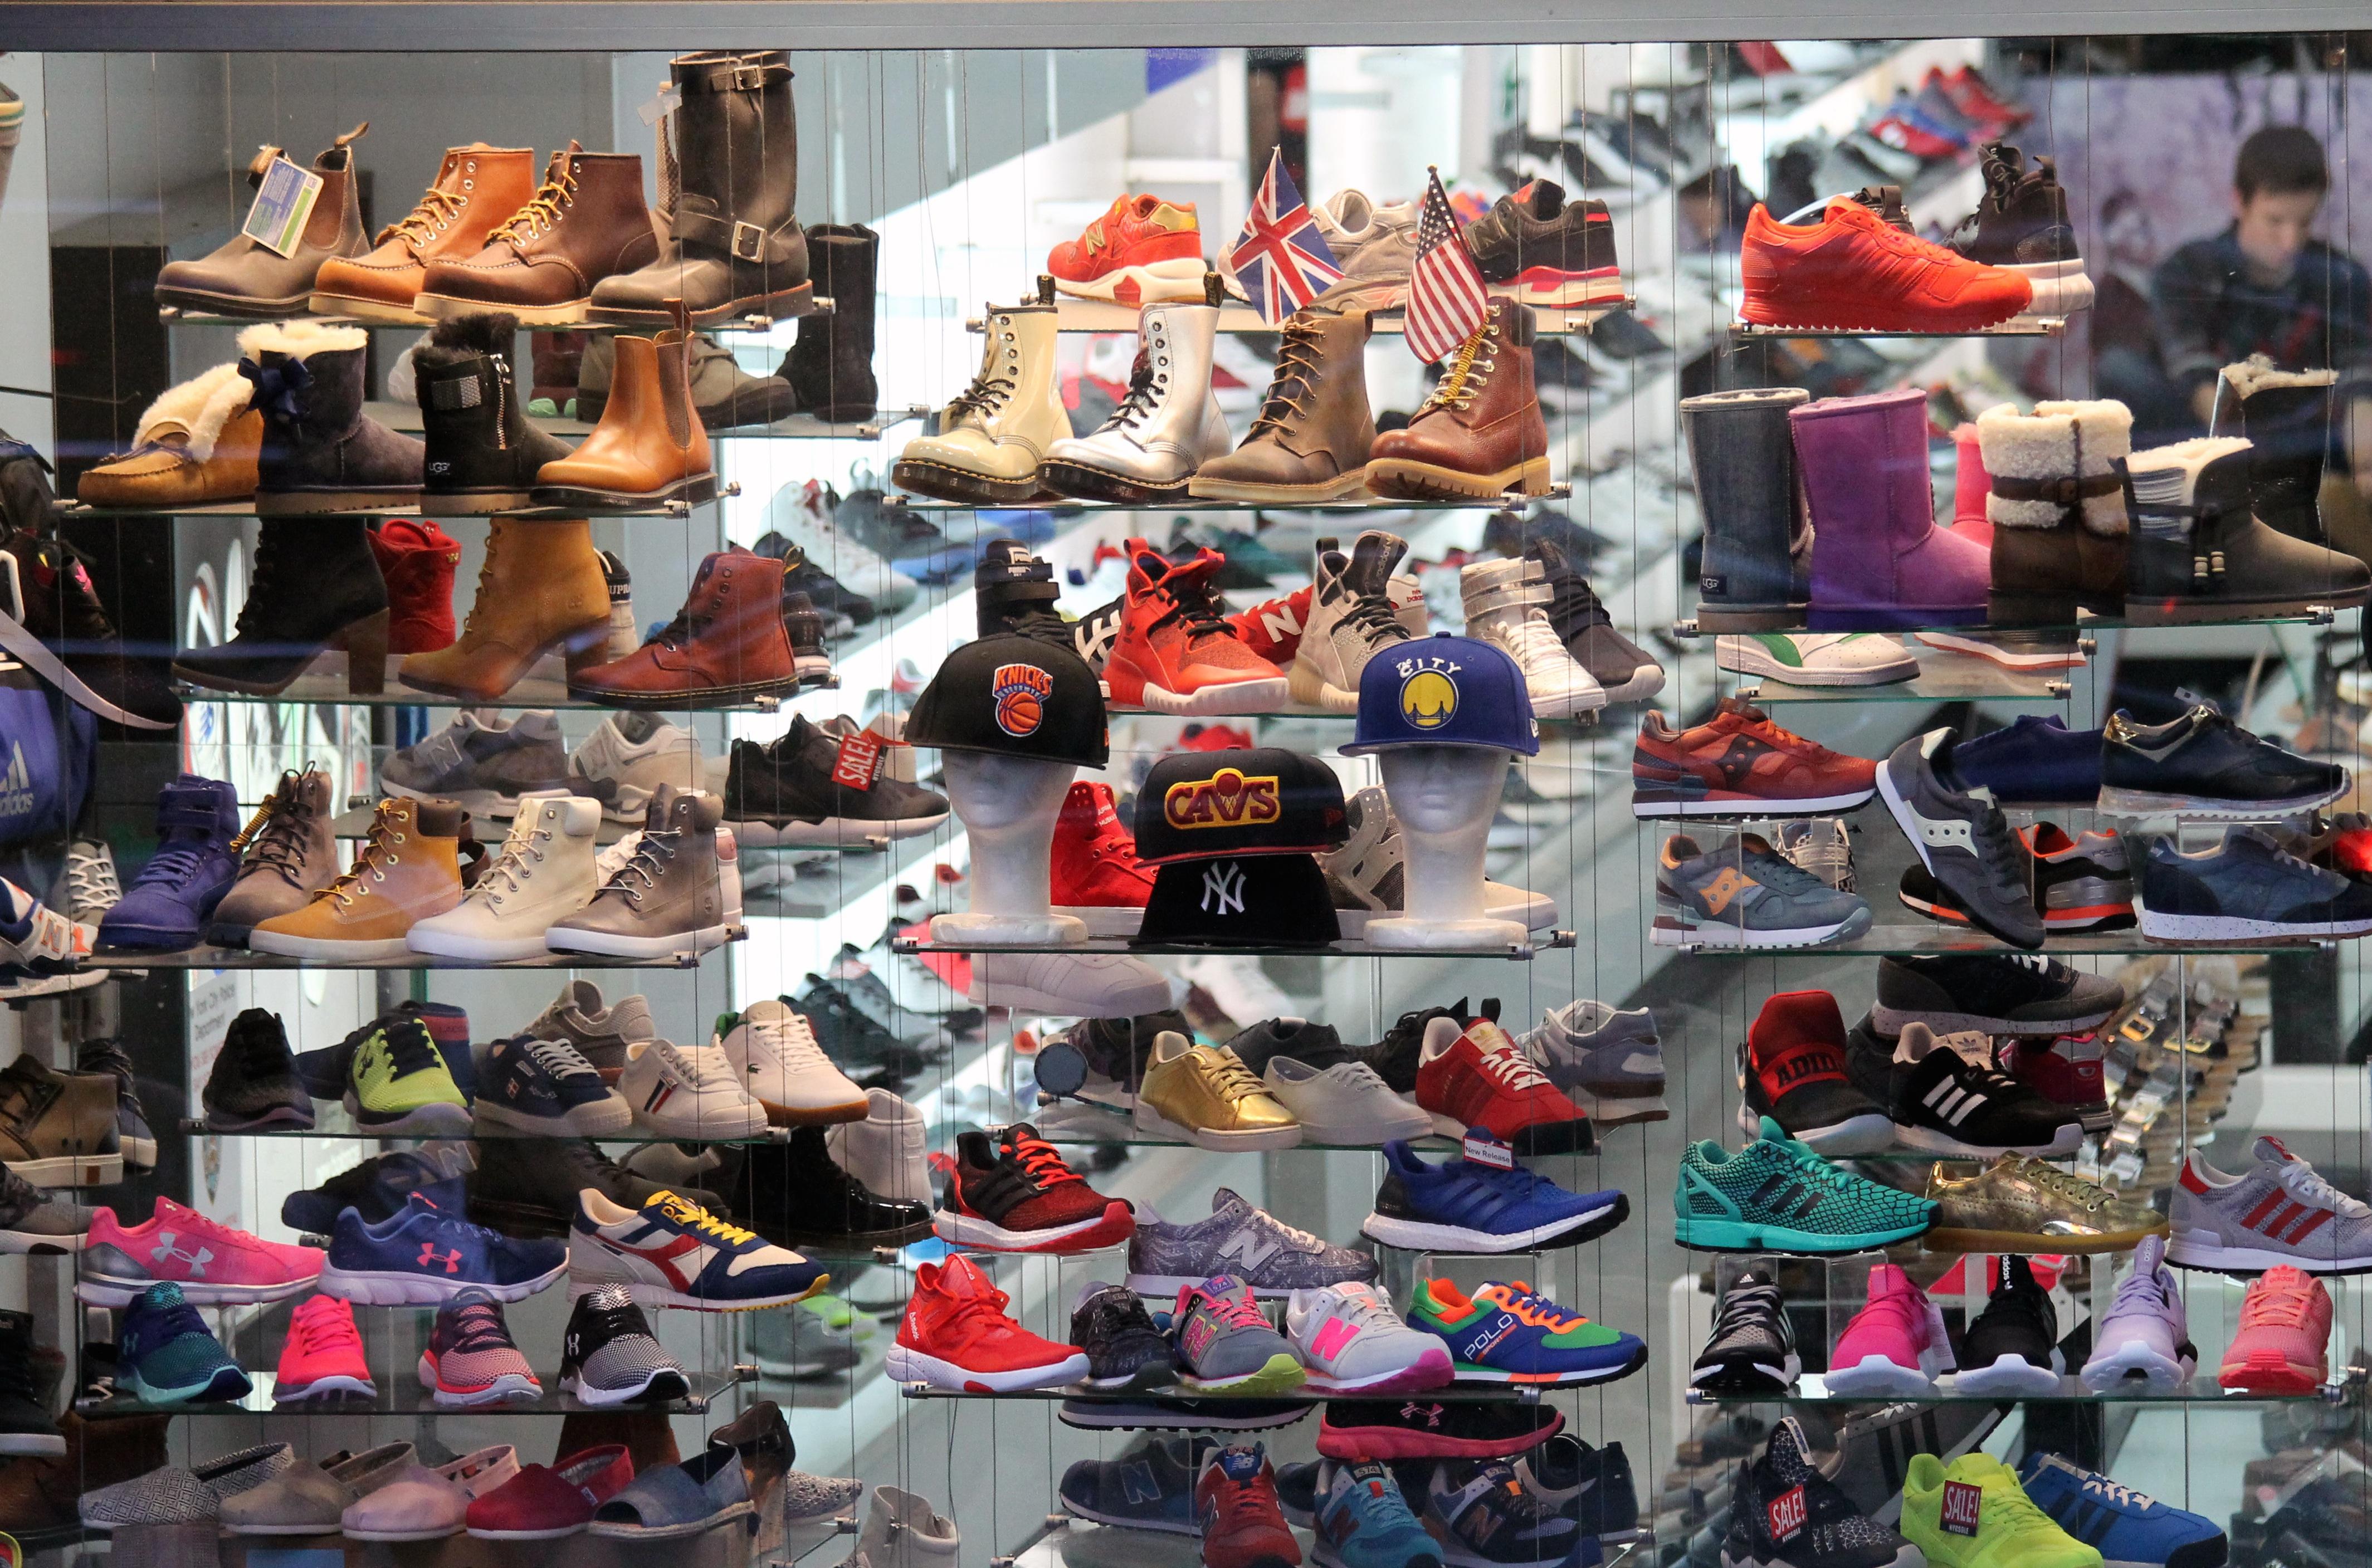 Gratuites Bazar Pied Ville Images Magasin Mode Boutique Le F4qHRdHC